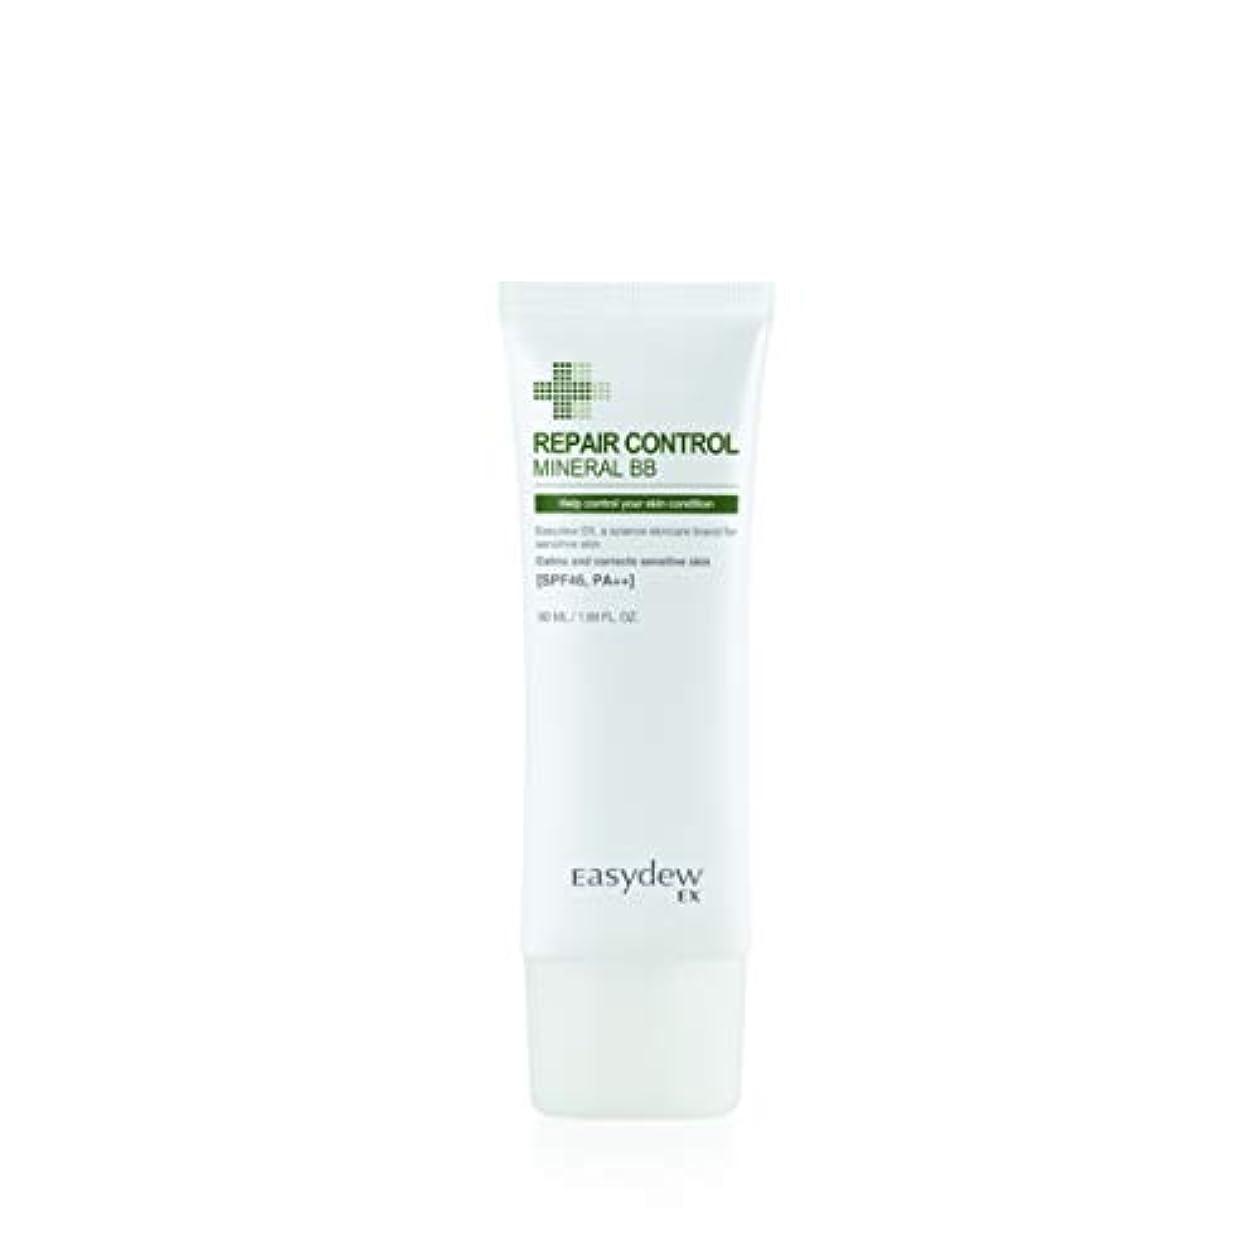 愛情深いワイドラフデウン製薬 リペア コントロール ミネラル BBクリーム SPF46/PA++ 50g. Repair Control Mineral B.B Cream SPF46/PA++ 50g.